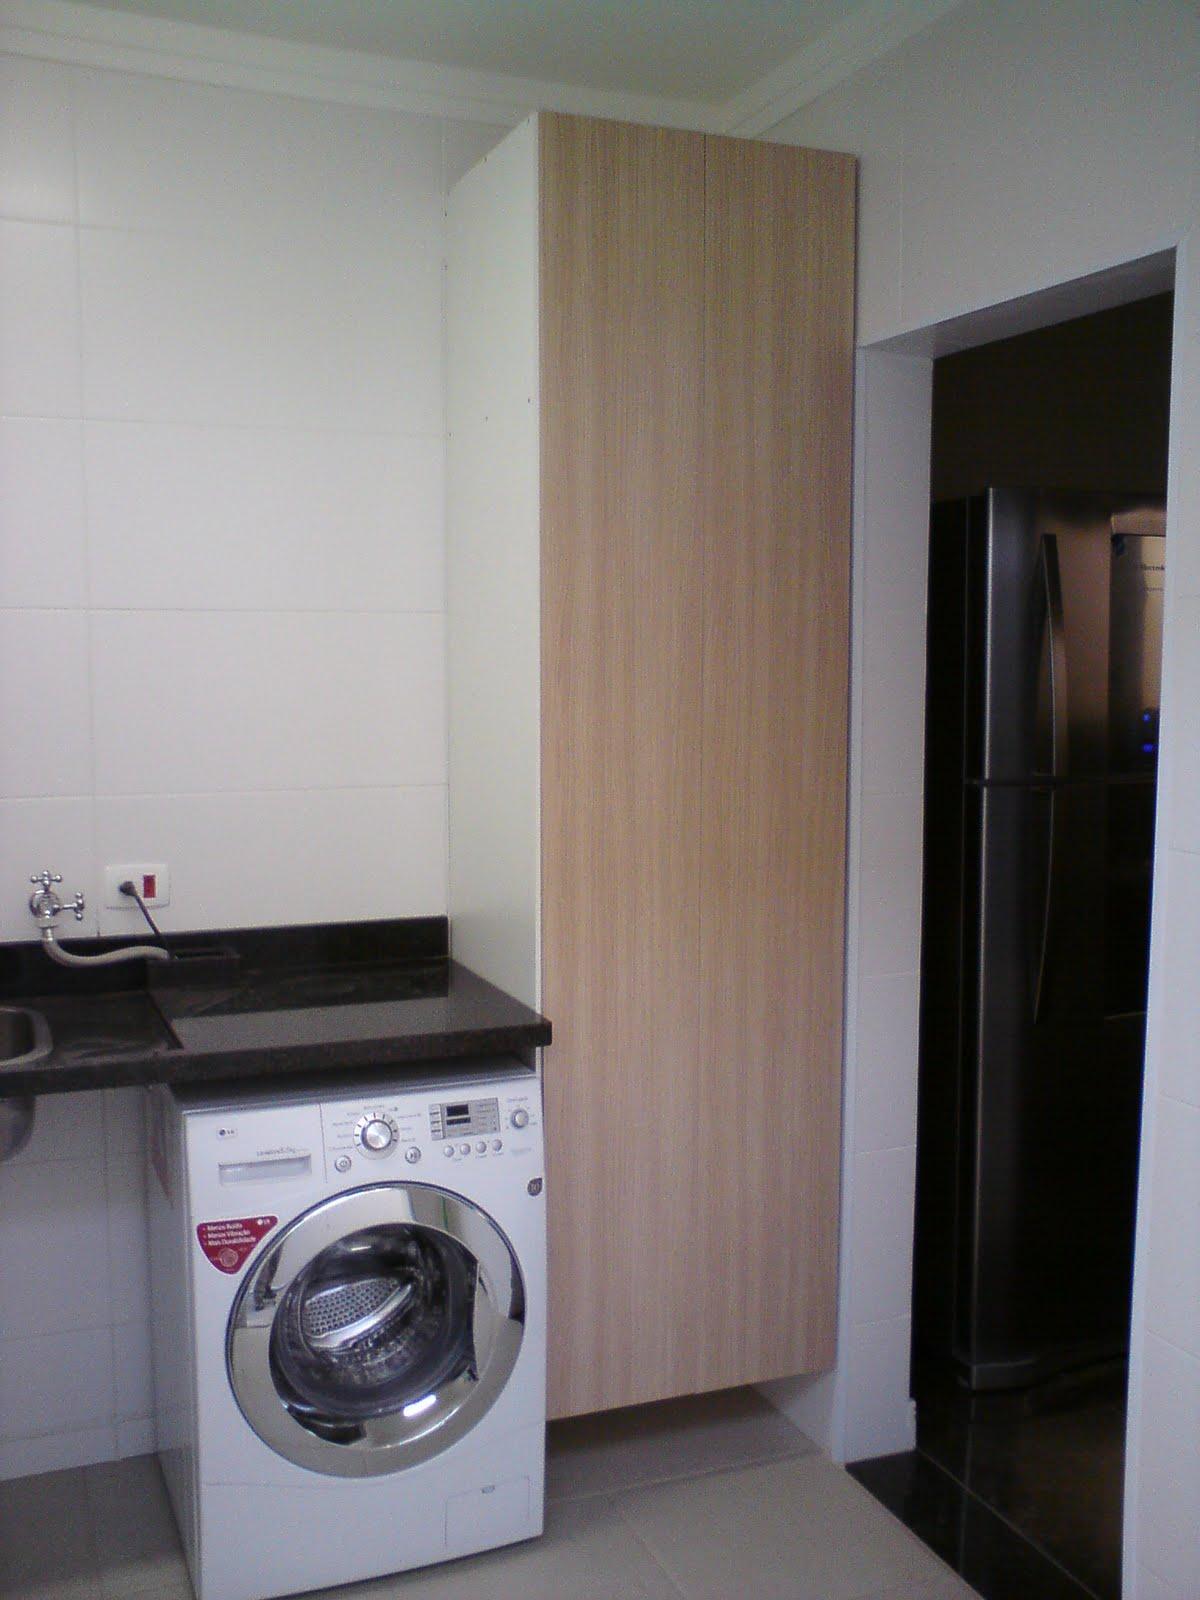 Meu primeiro Apartamento: Pedras Cubas e torneiras #71604D 1200 1600